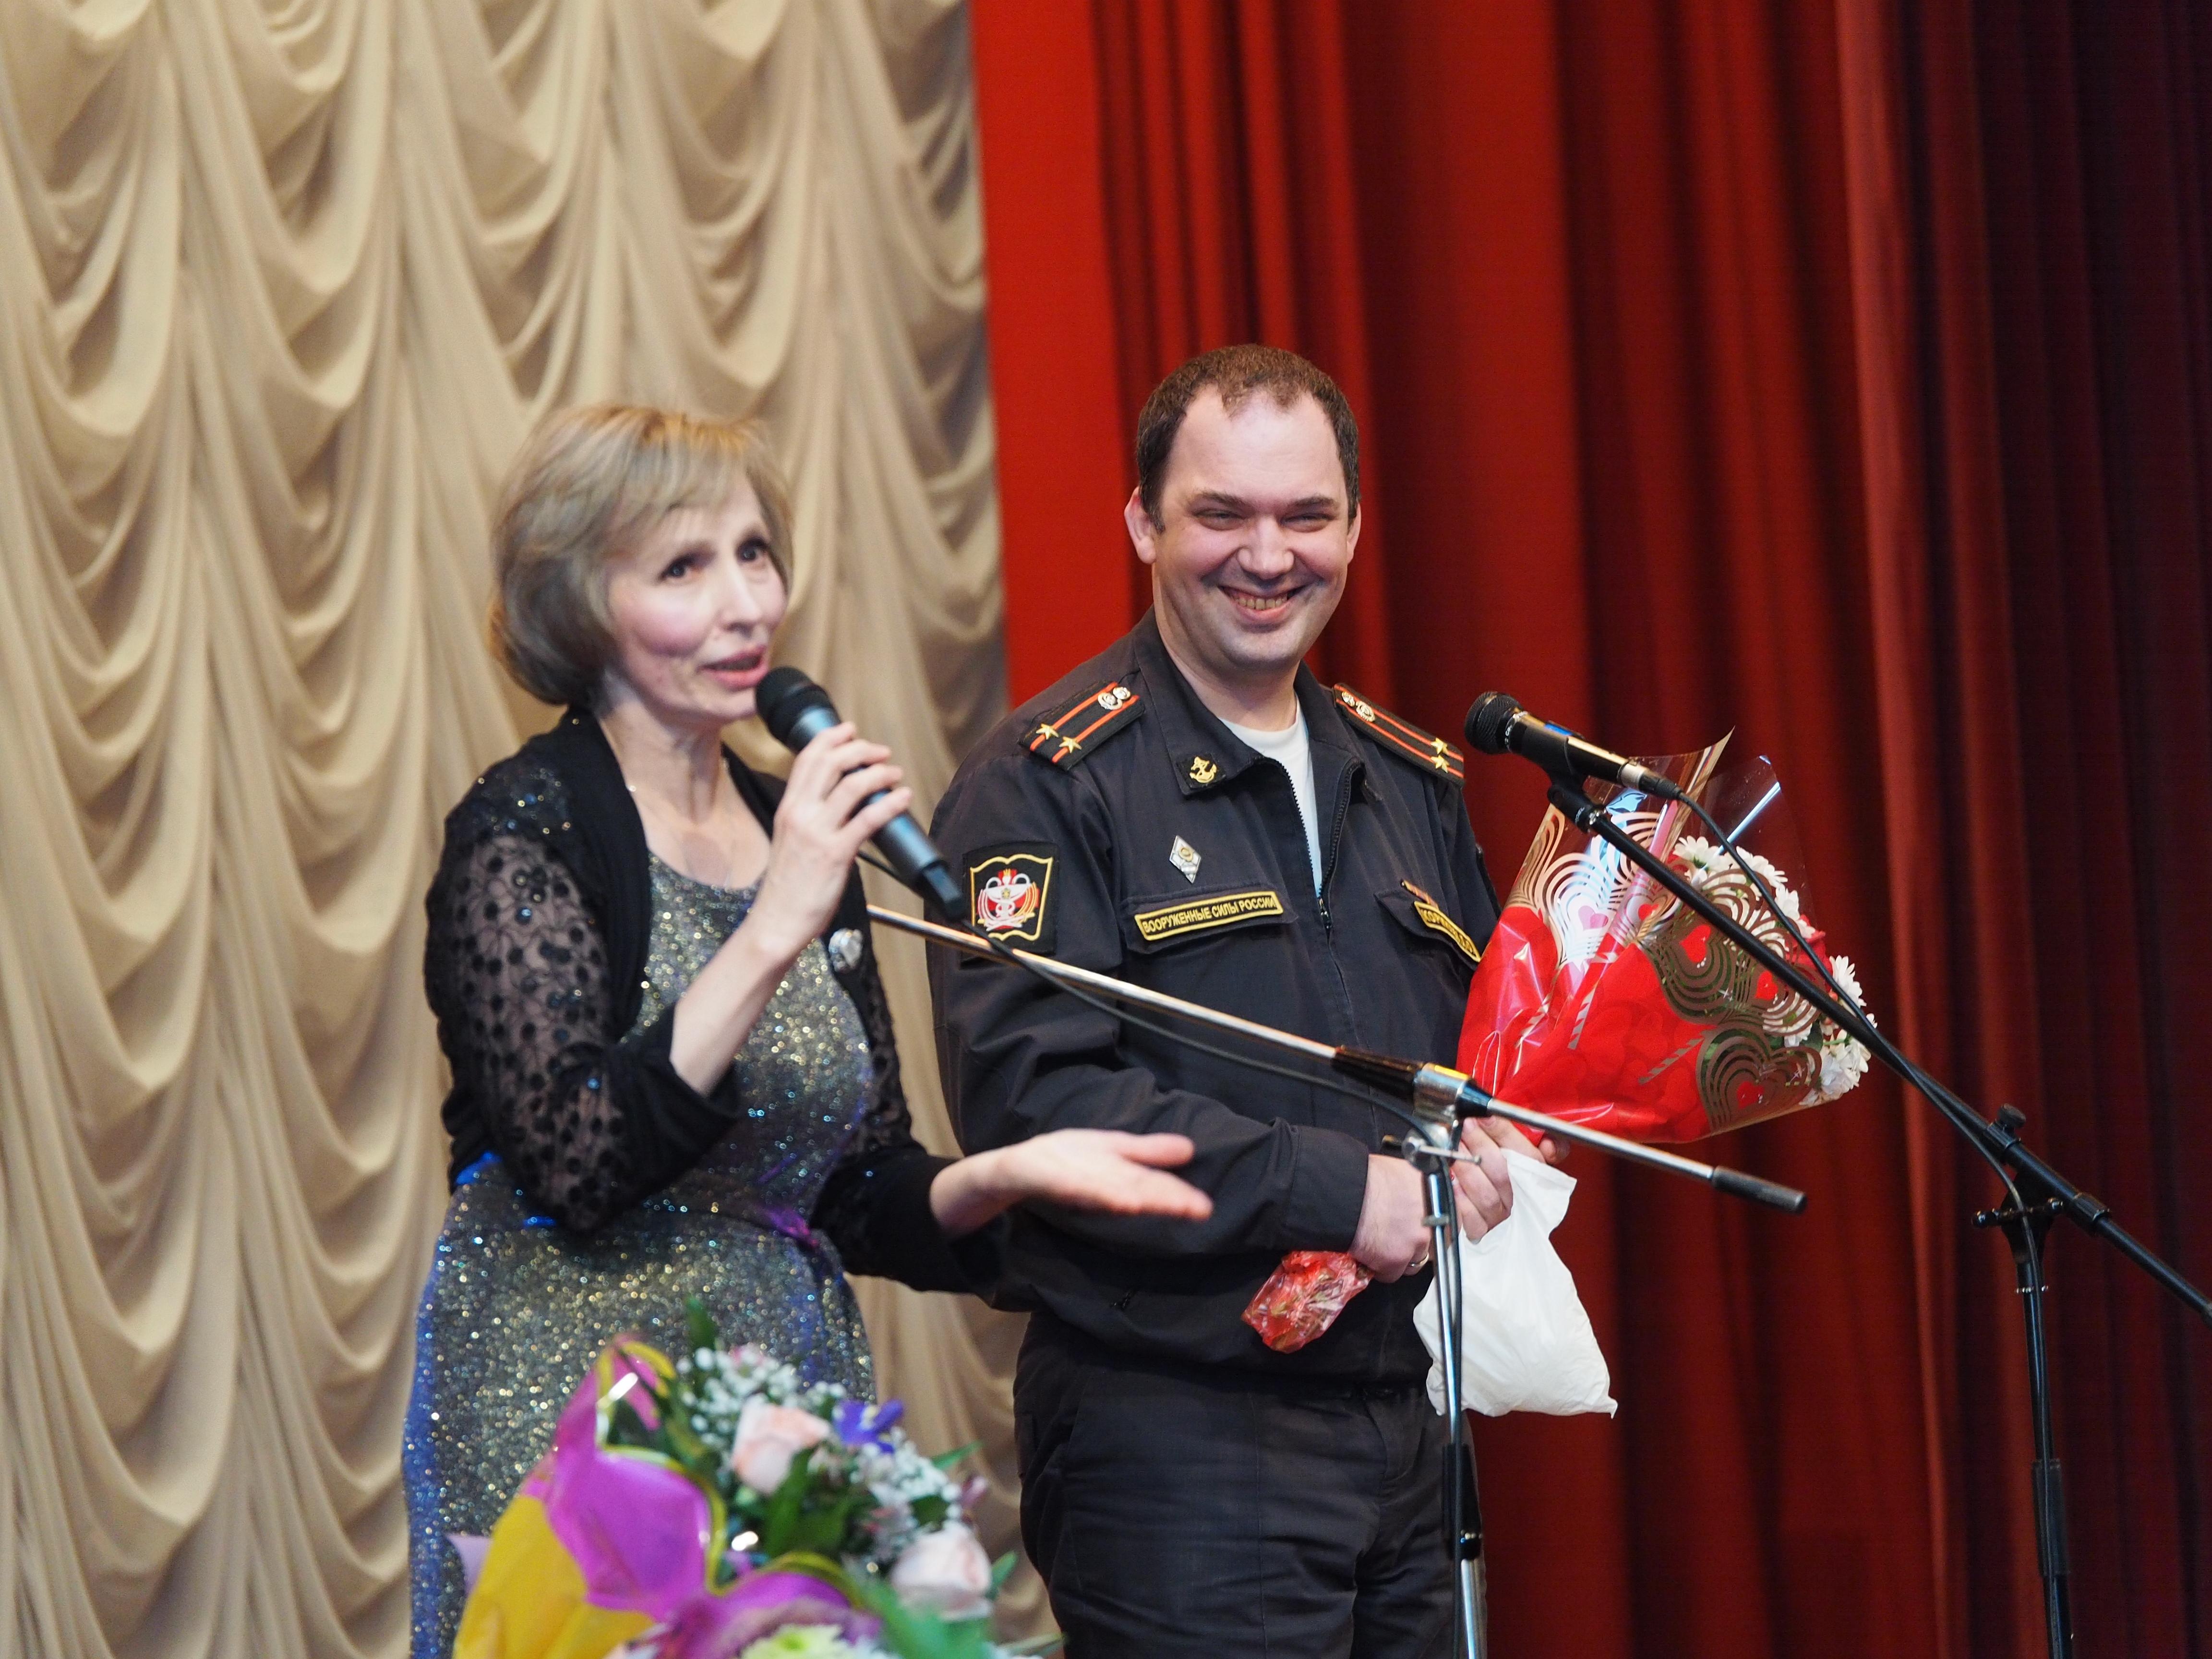 Тридцать лет творчества в Военно-медицинской академии. Спасибо, Светлана Евгеньевна!